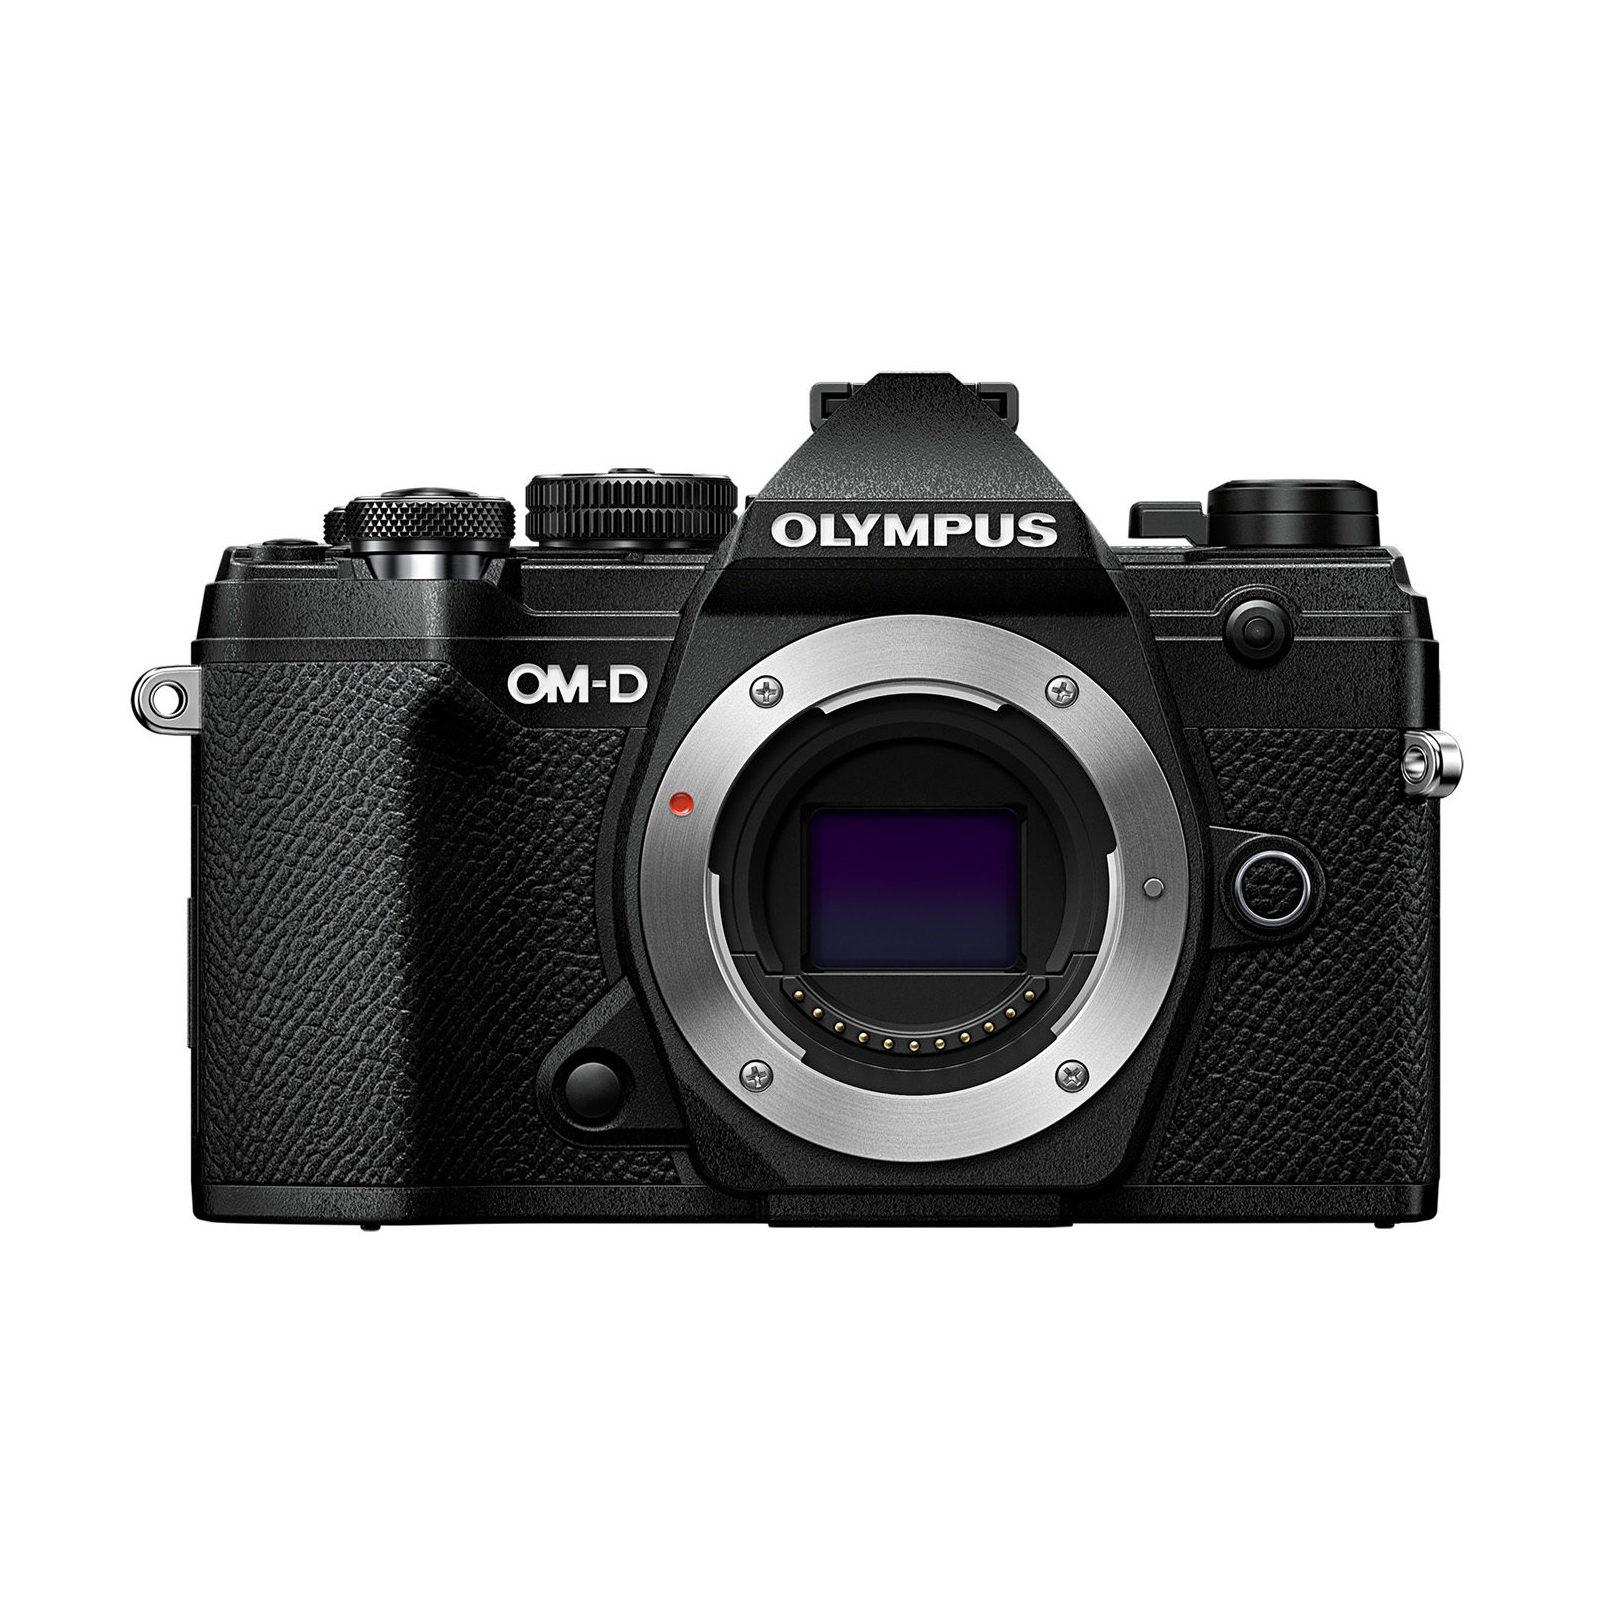 Olympus OM-D E-M5 Mark III Corpo Preto